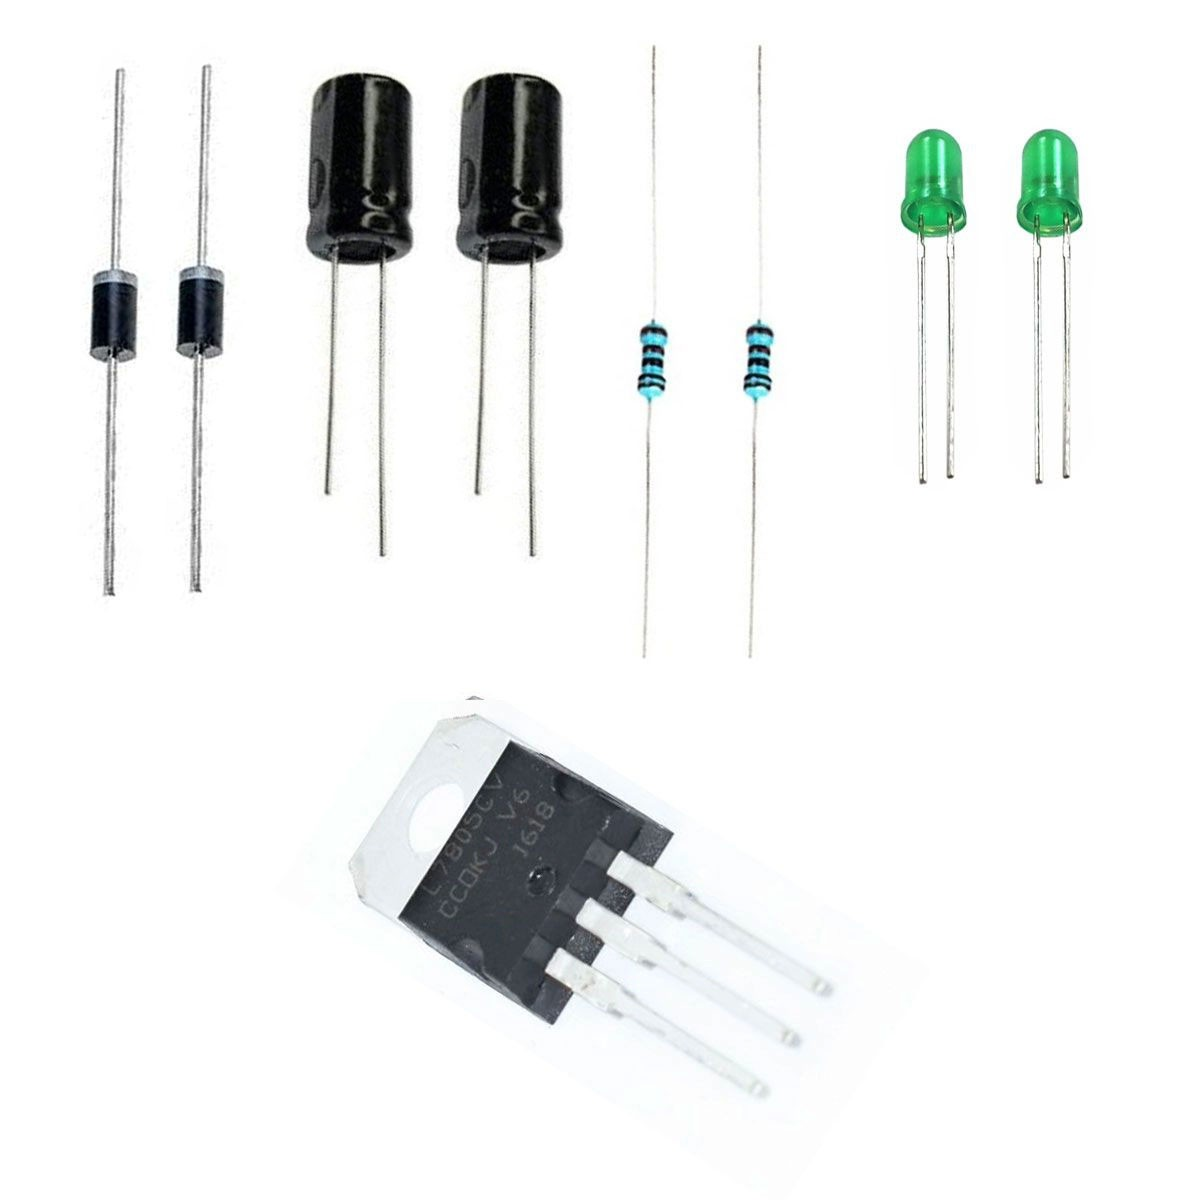 Kit para Montagem de Fonte 5v com 7805, Diodo, Capacitor, Led e Resistor